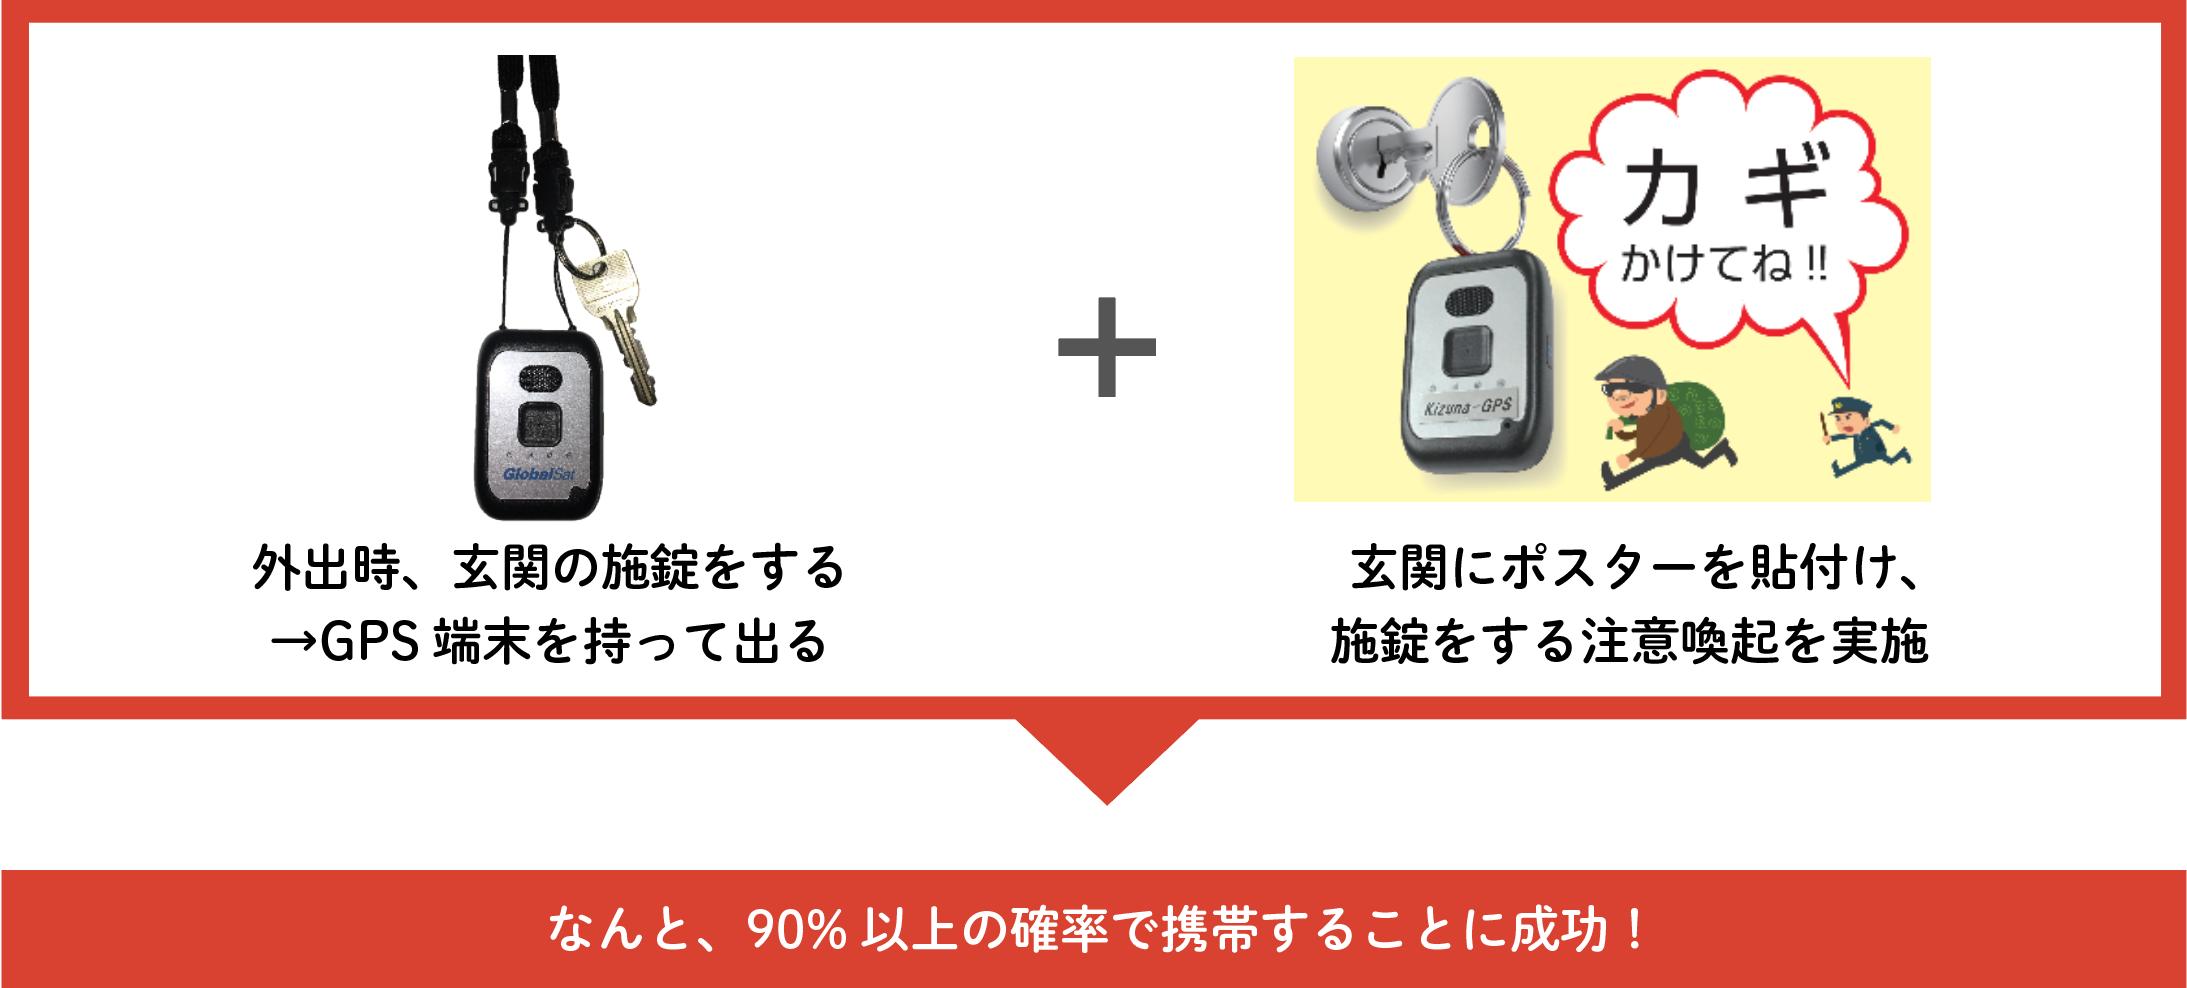 徘徊見守りサービス「絆GPS」はストラップ付き。例えば家の鍵につけて使えます